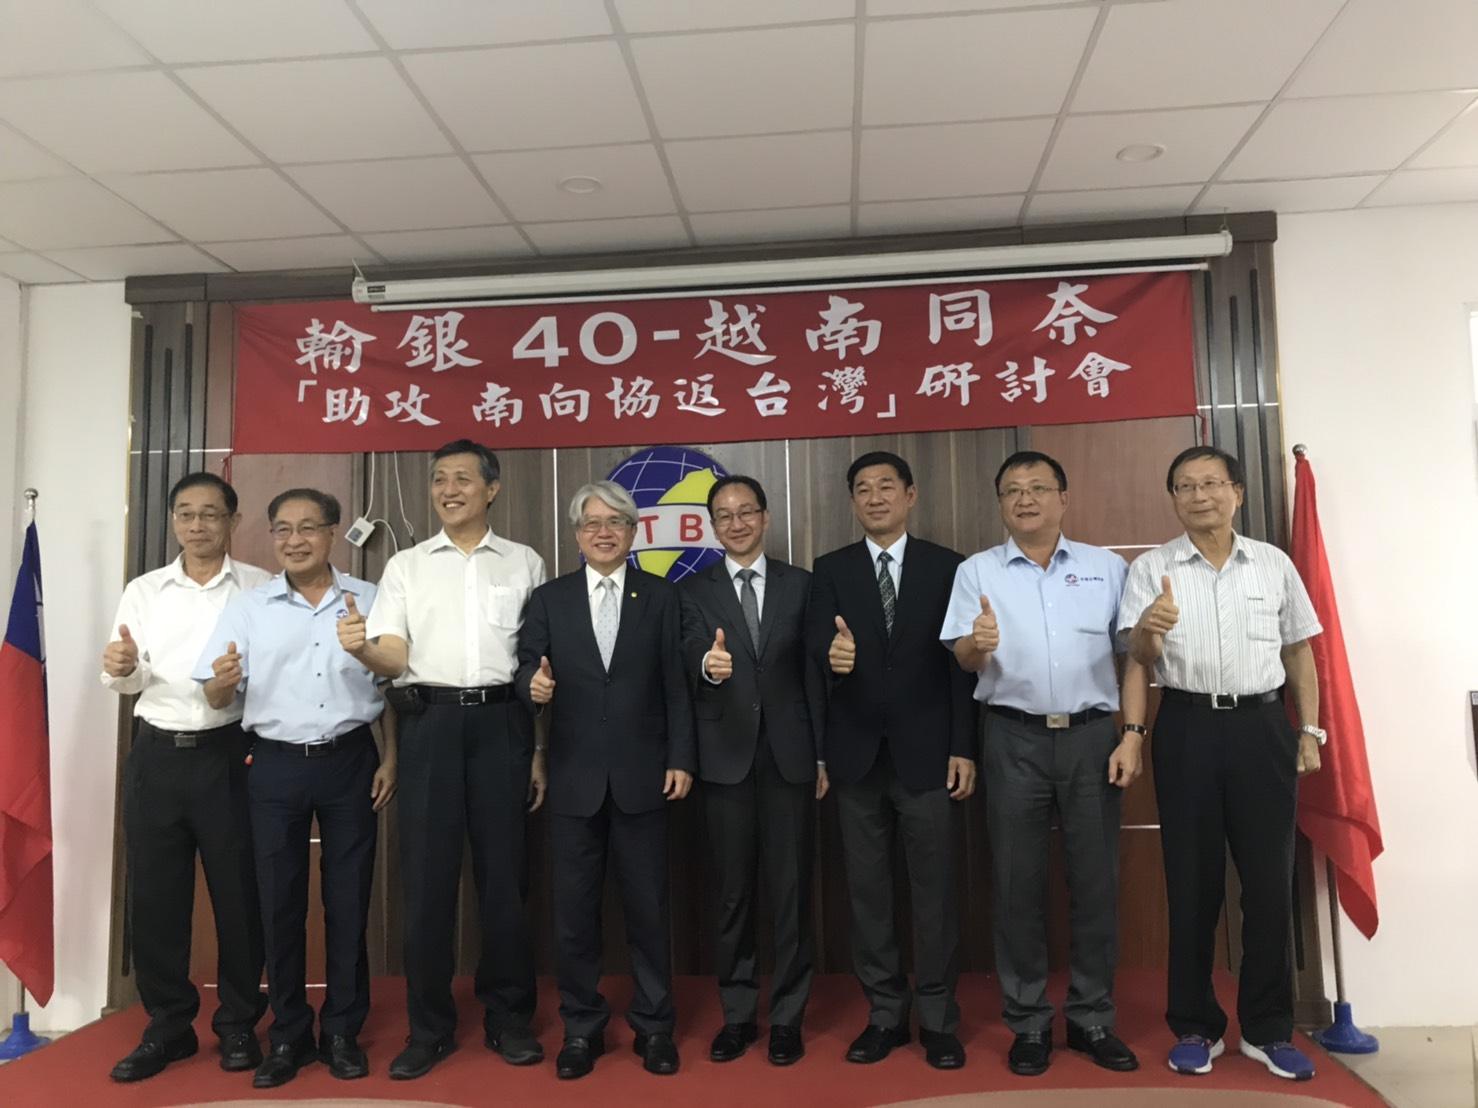 圖片說明-輸出入銀行前進越南同奈,助攻南向協返台灣